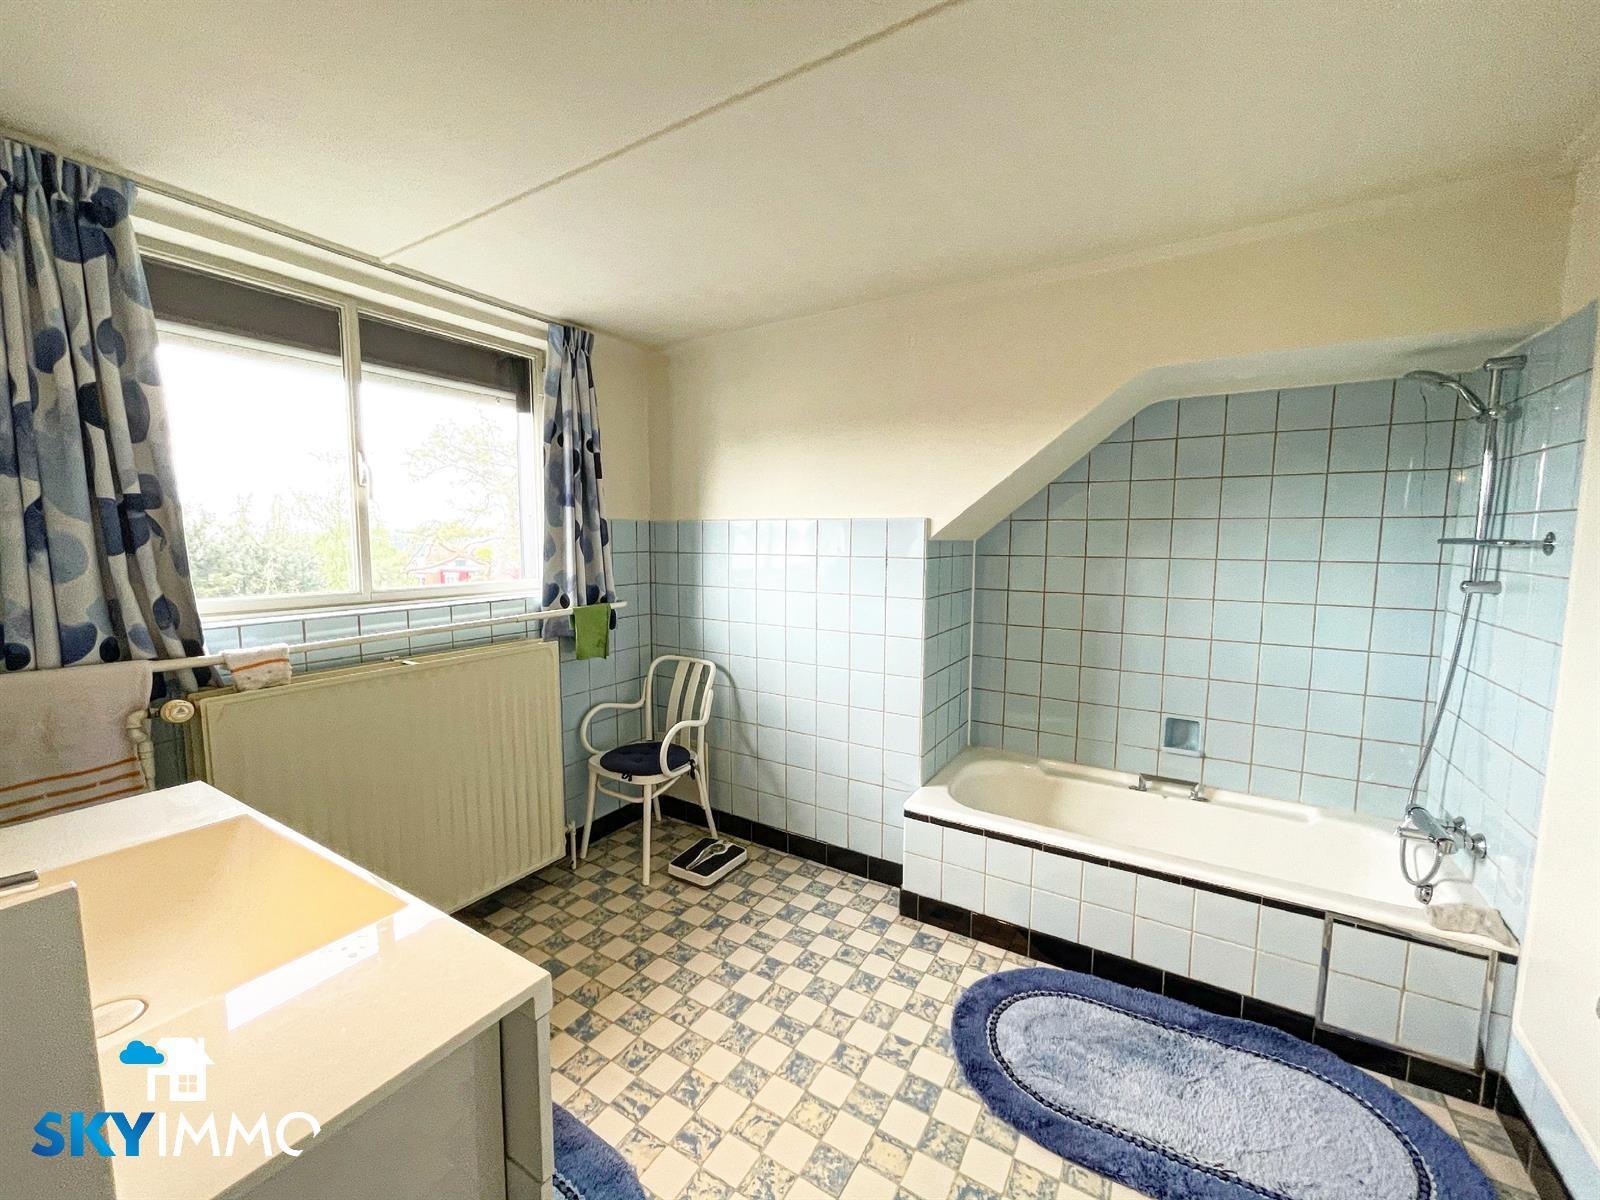 Huis - Liege - #4401919-24